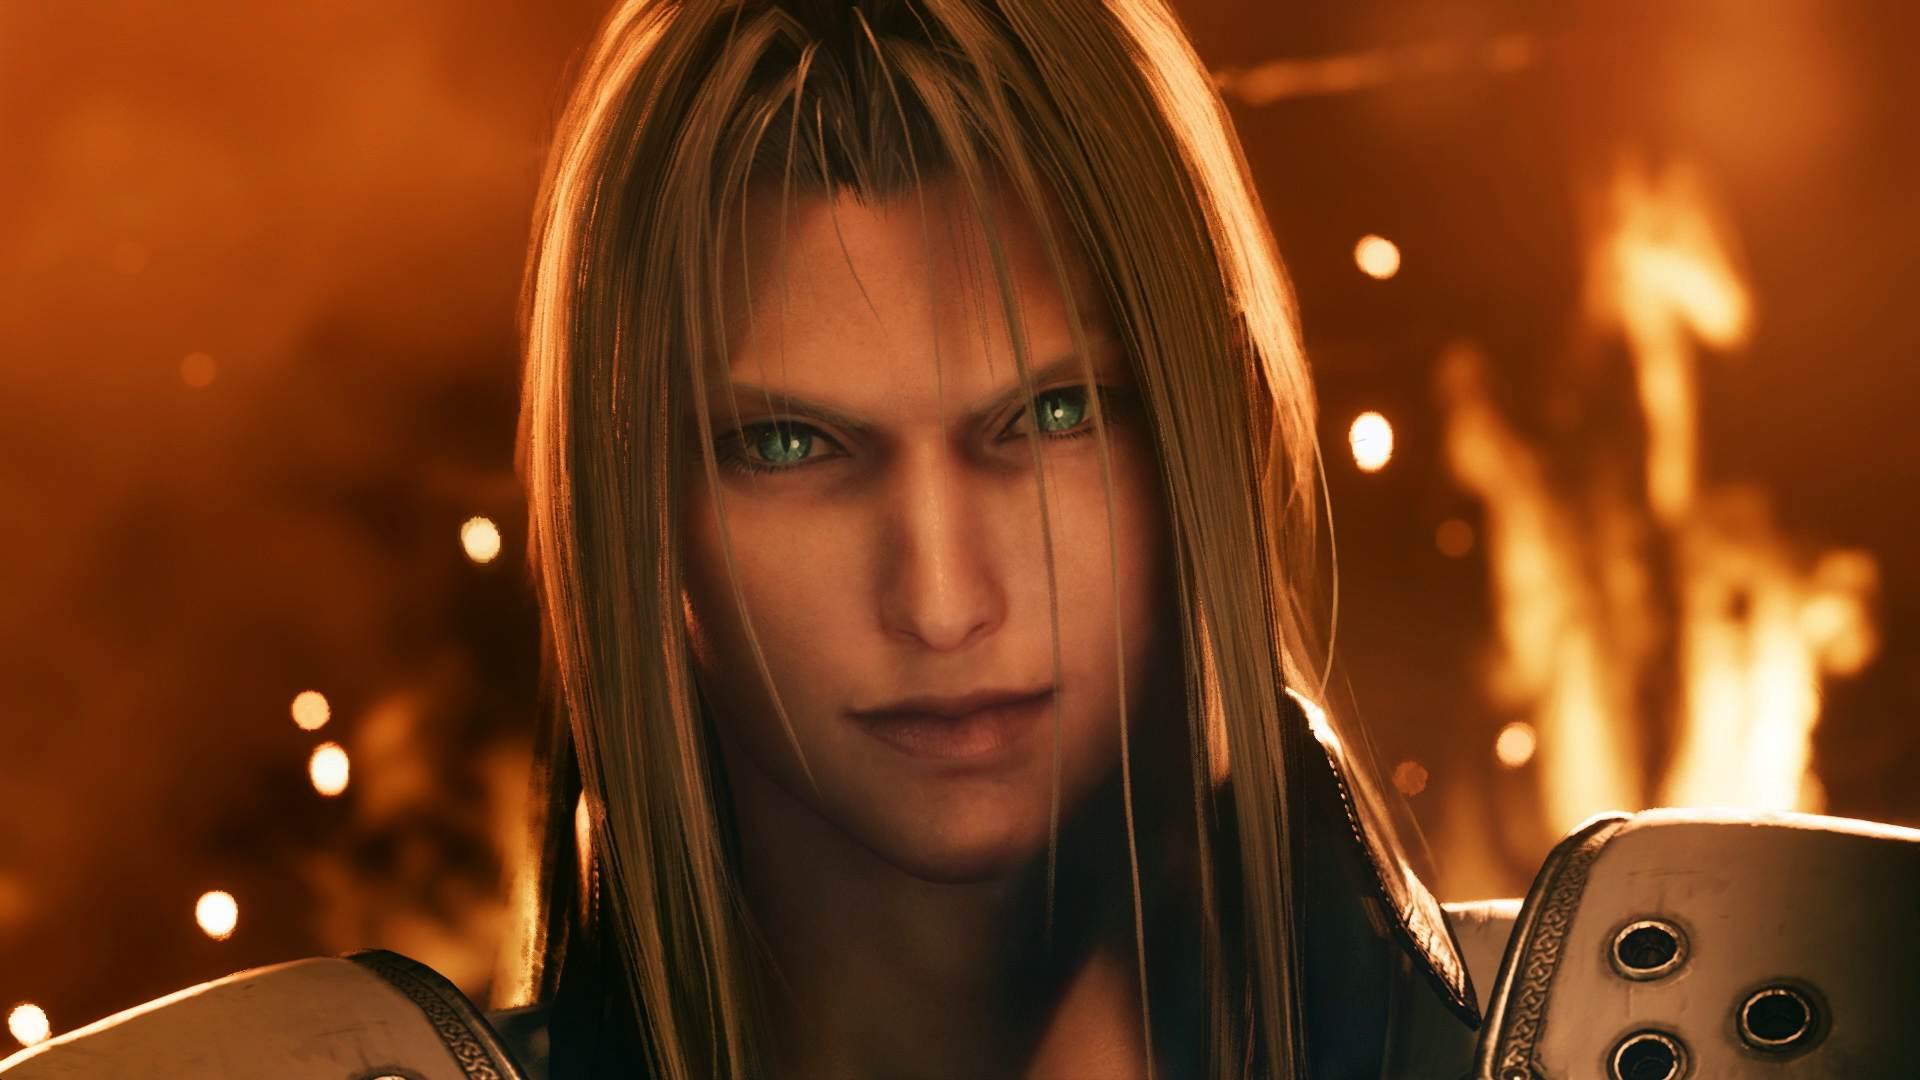 Final-Fantasy-VII-Remake-Bild-2-1